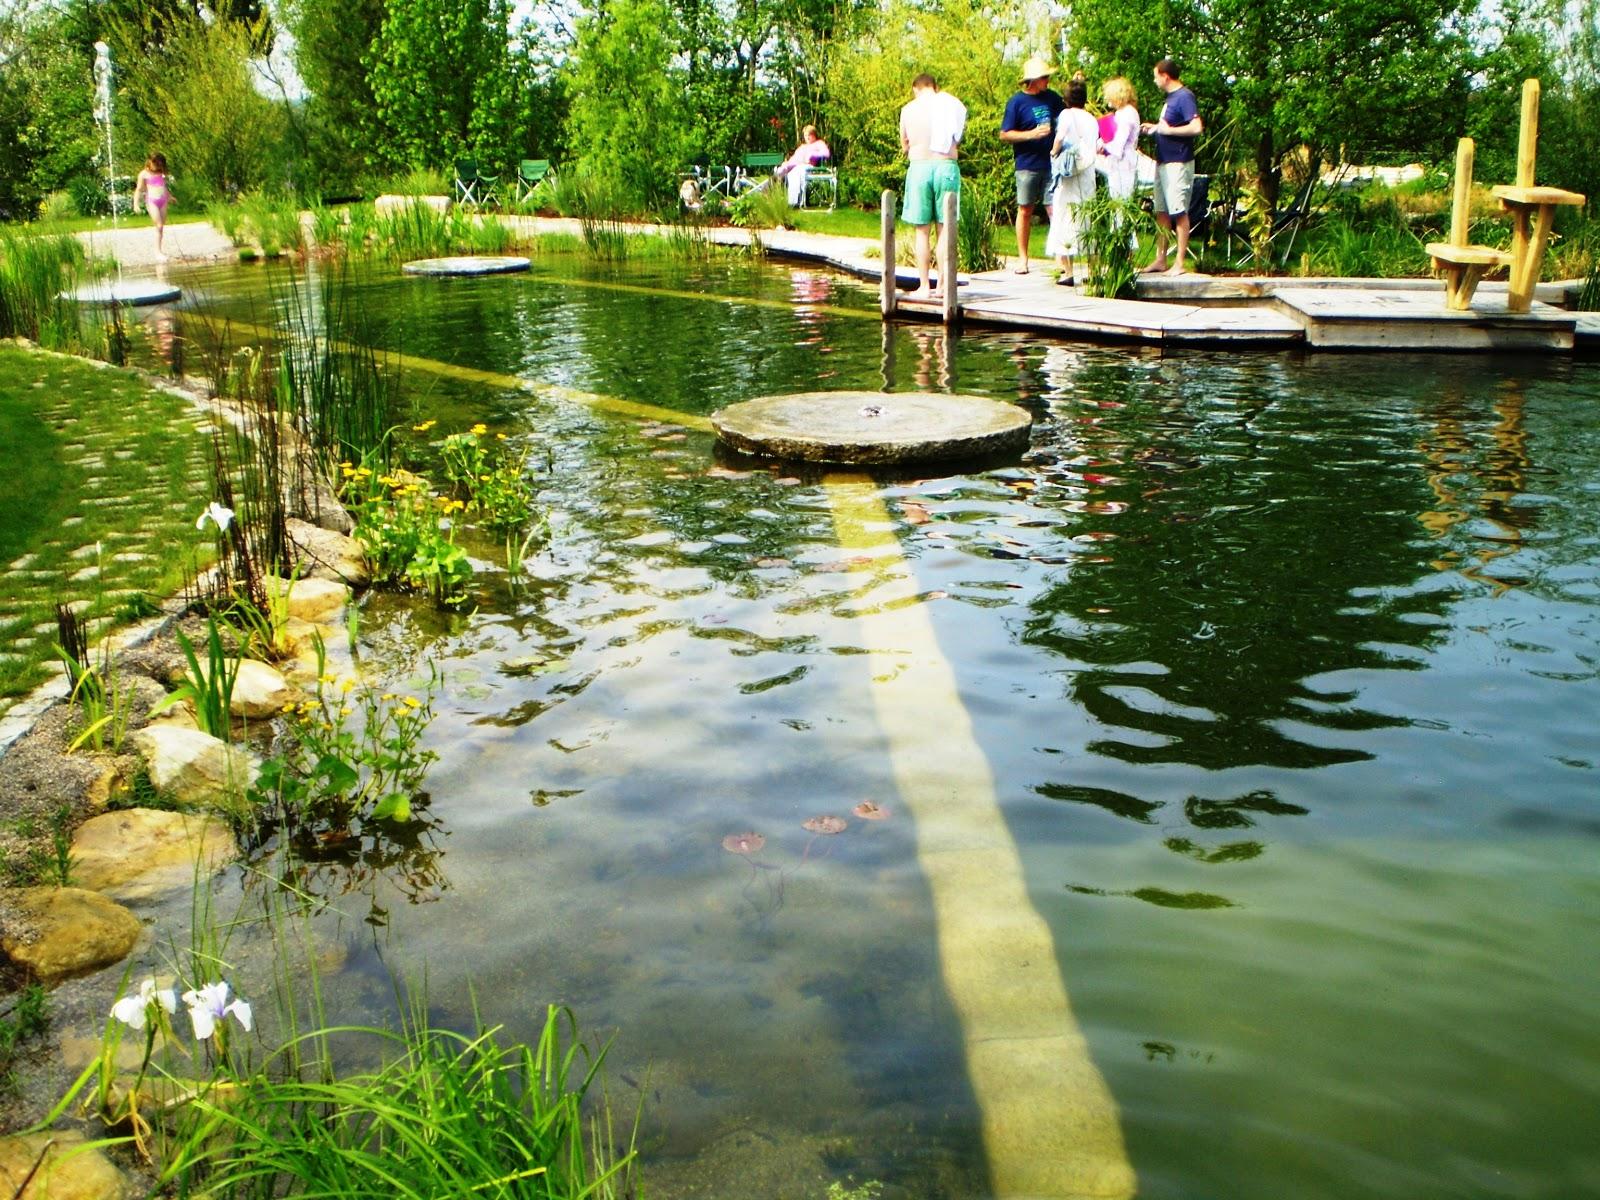 Fernando ruz piscinas naturales for Piscinas biologicas